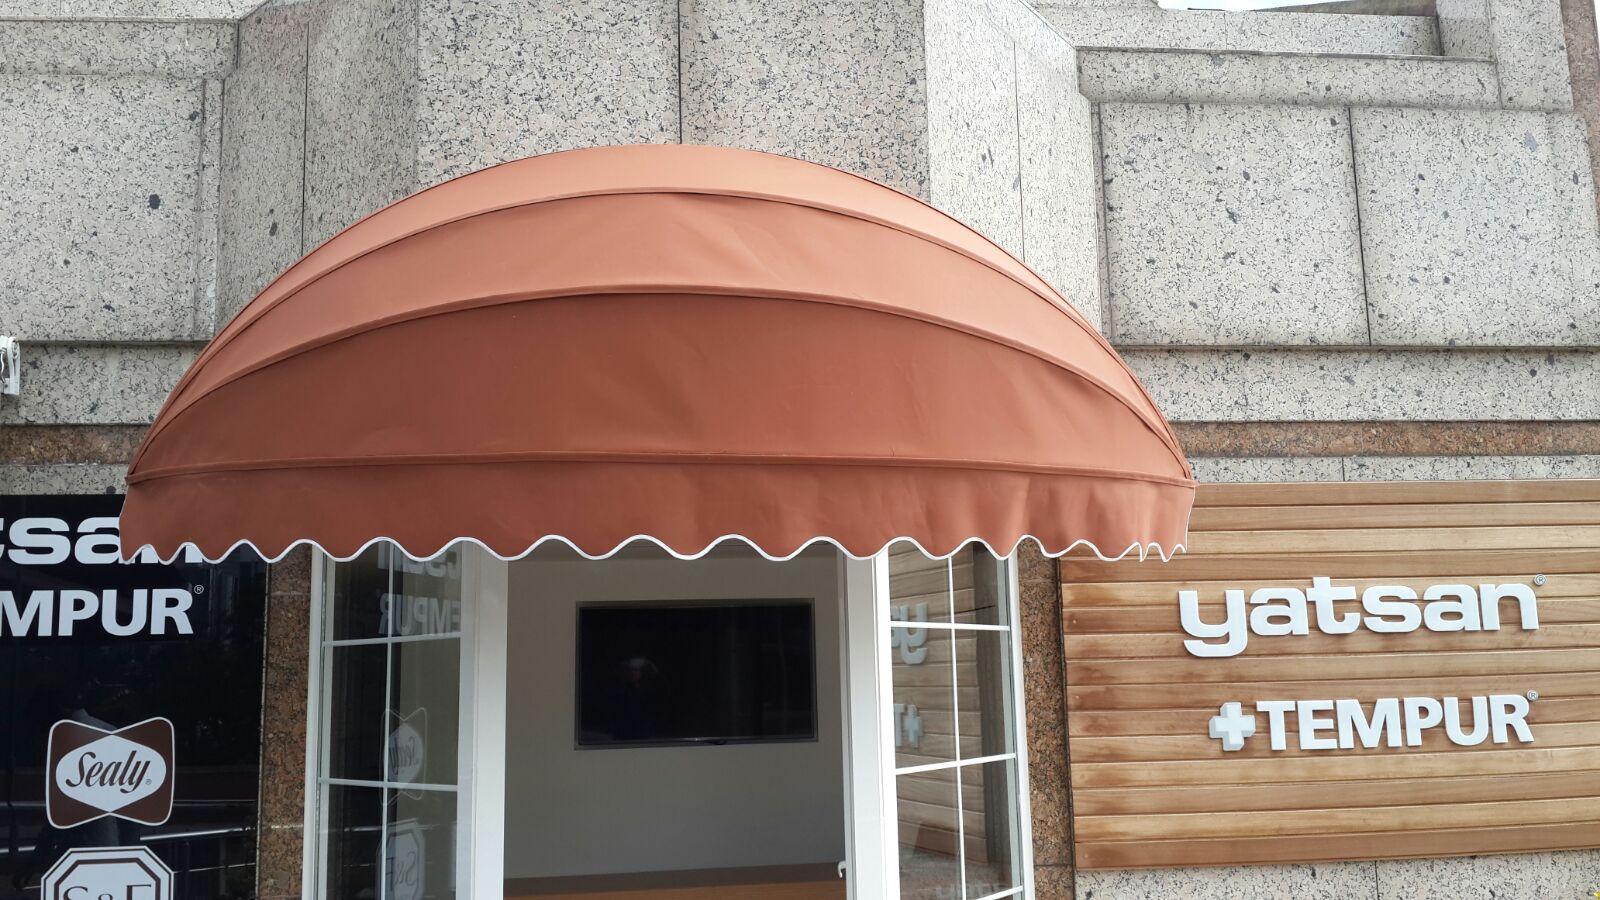 Sarıyer Brandacı | Tente Çadır İmalatı Kaliteli ve Uygun Fiyat 0212 477 17 16